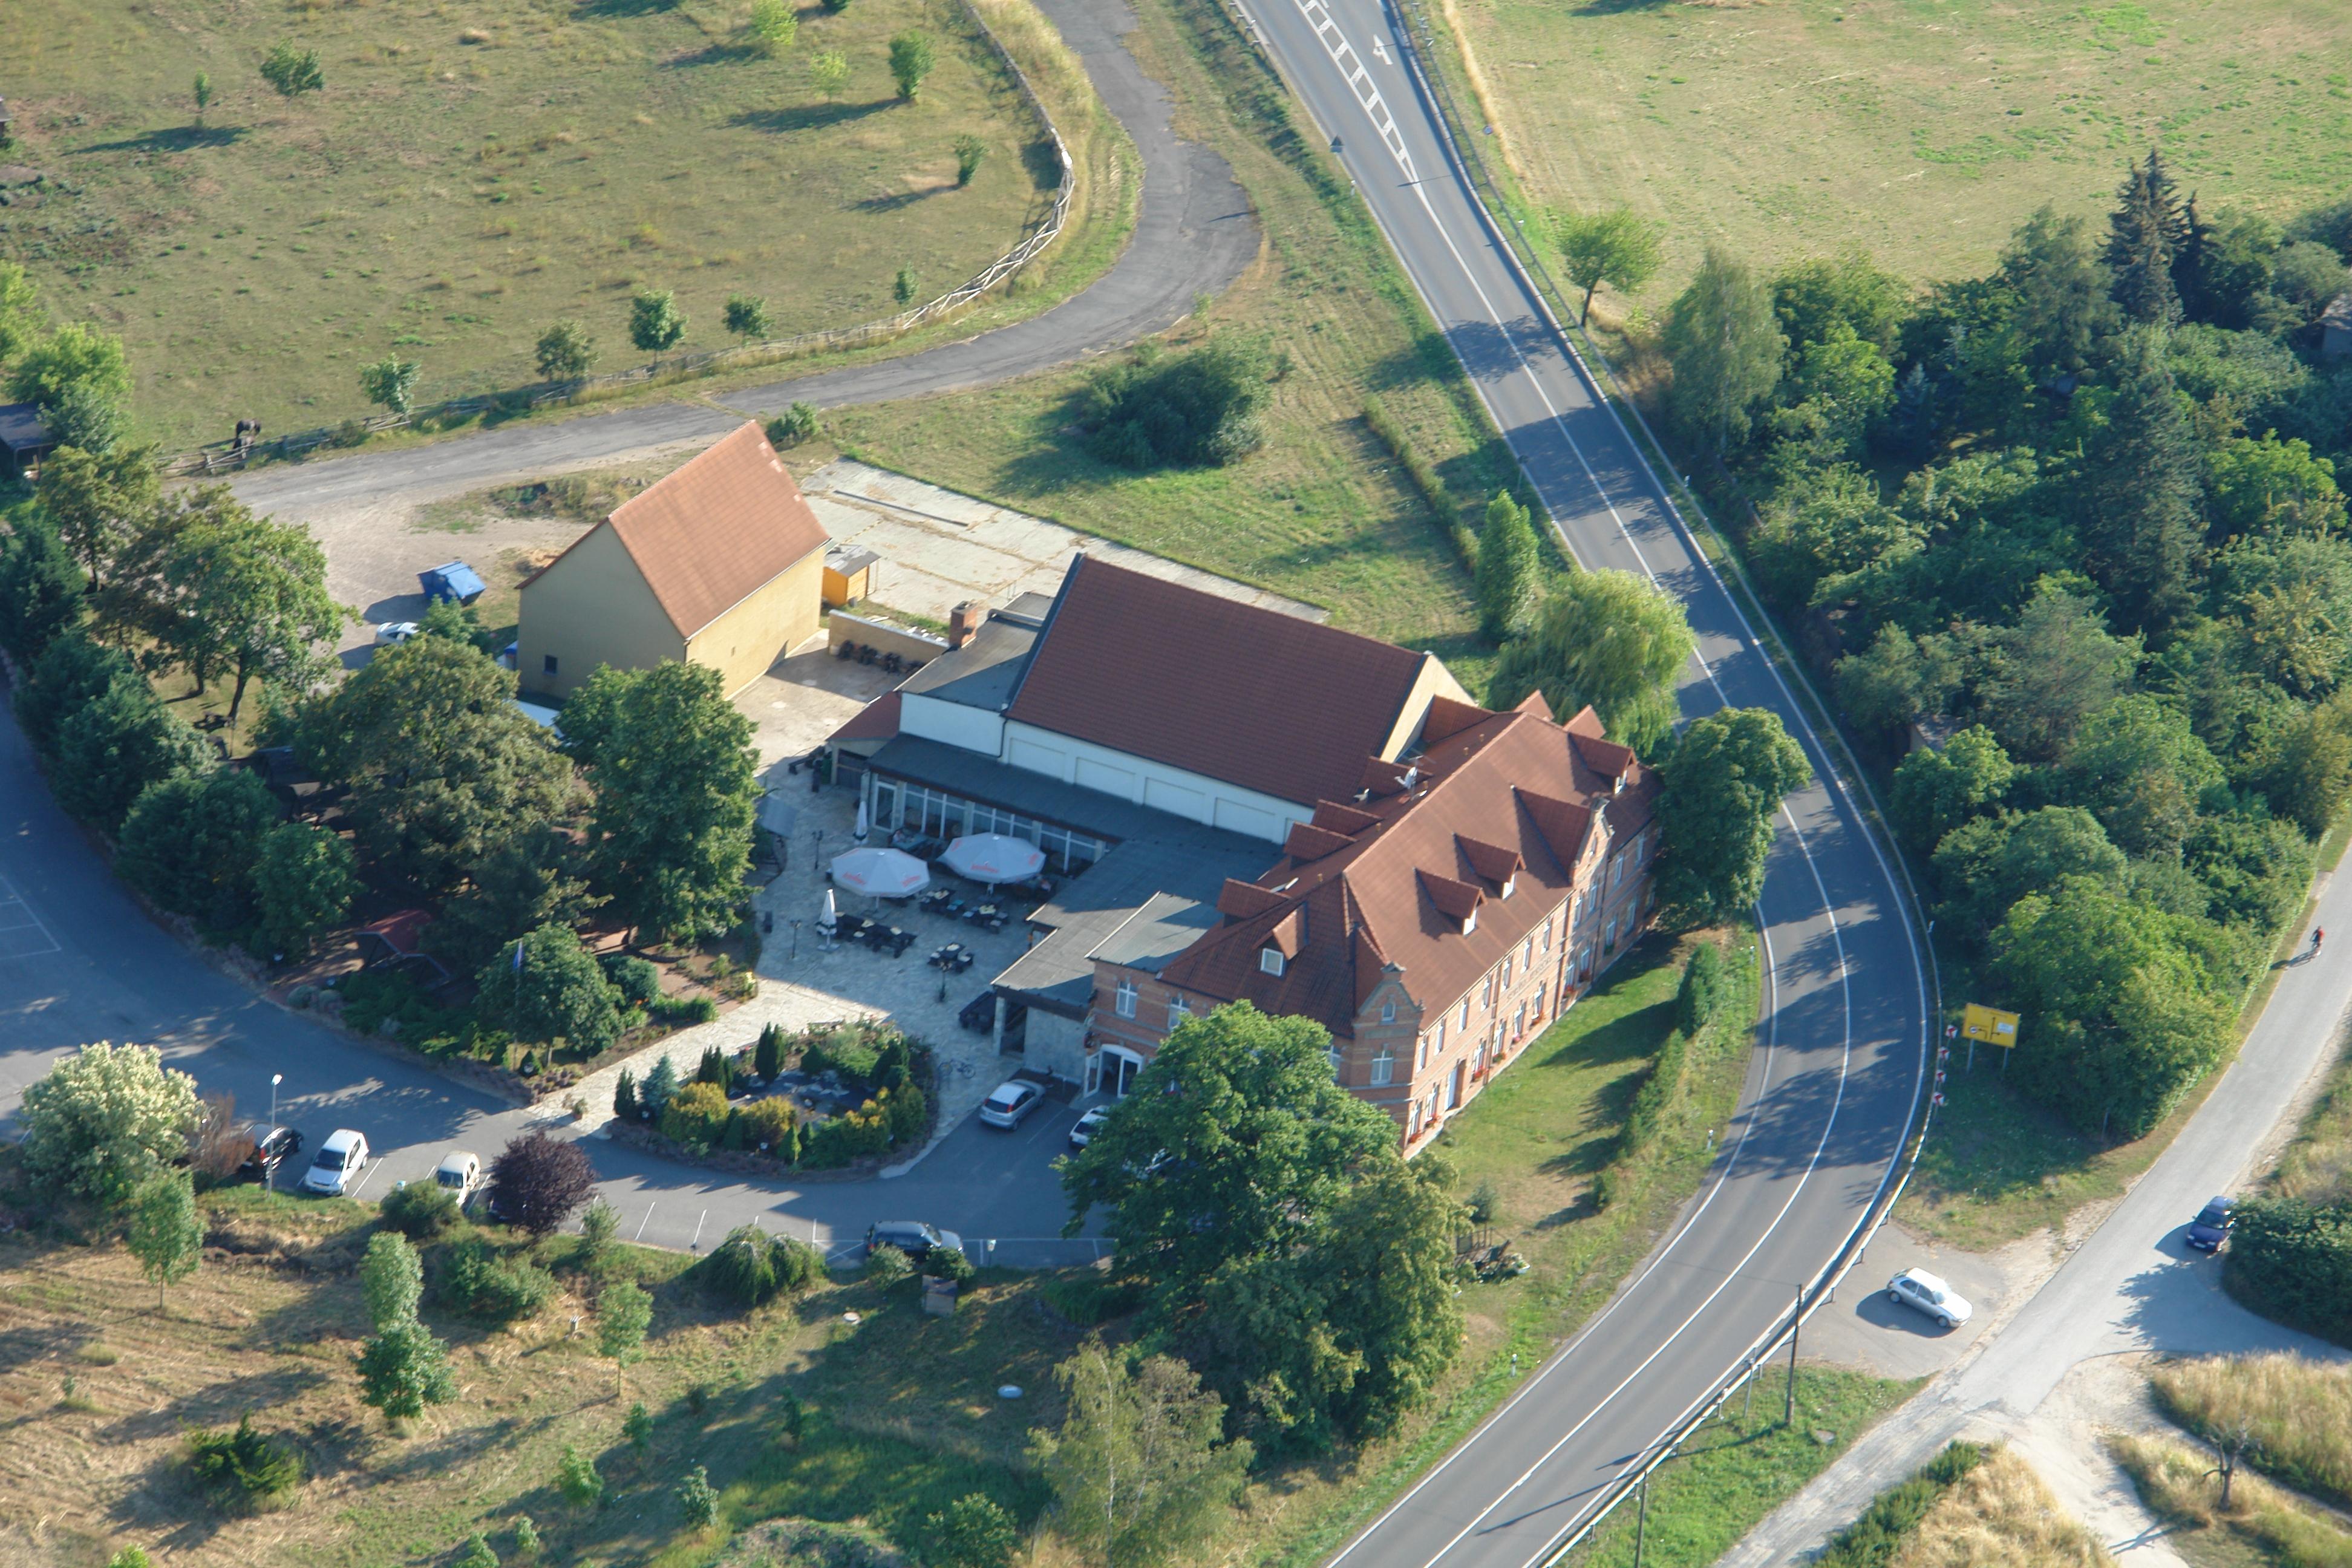 Hotel Schone Aussicht Leissling Ortsteil Der Stadt Weissenfels